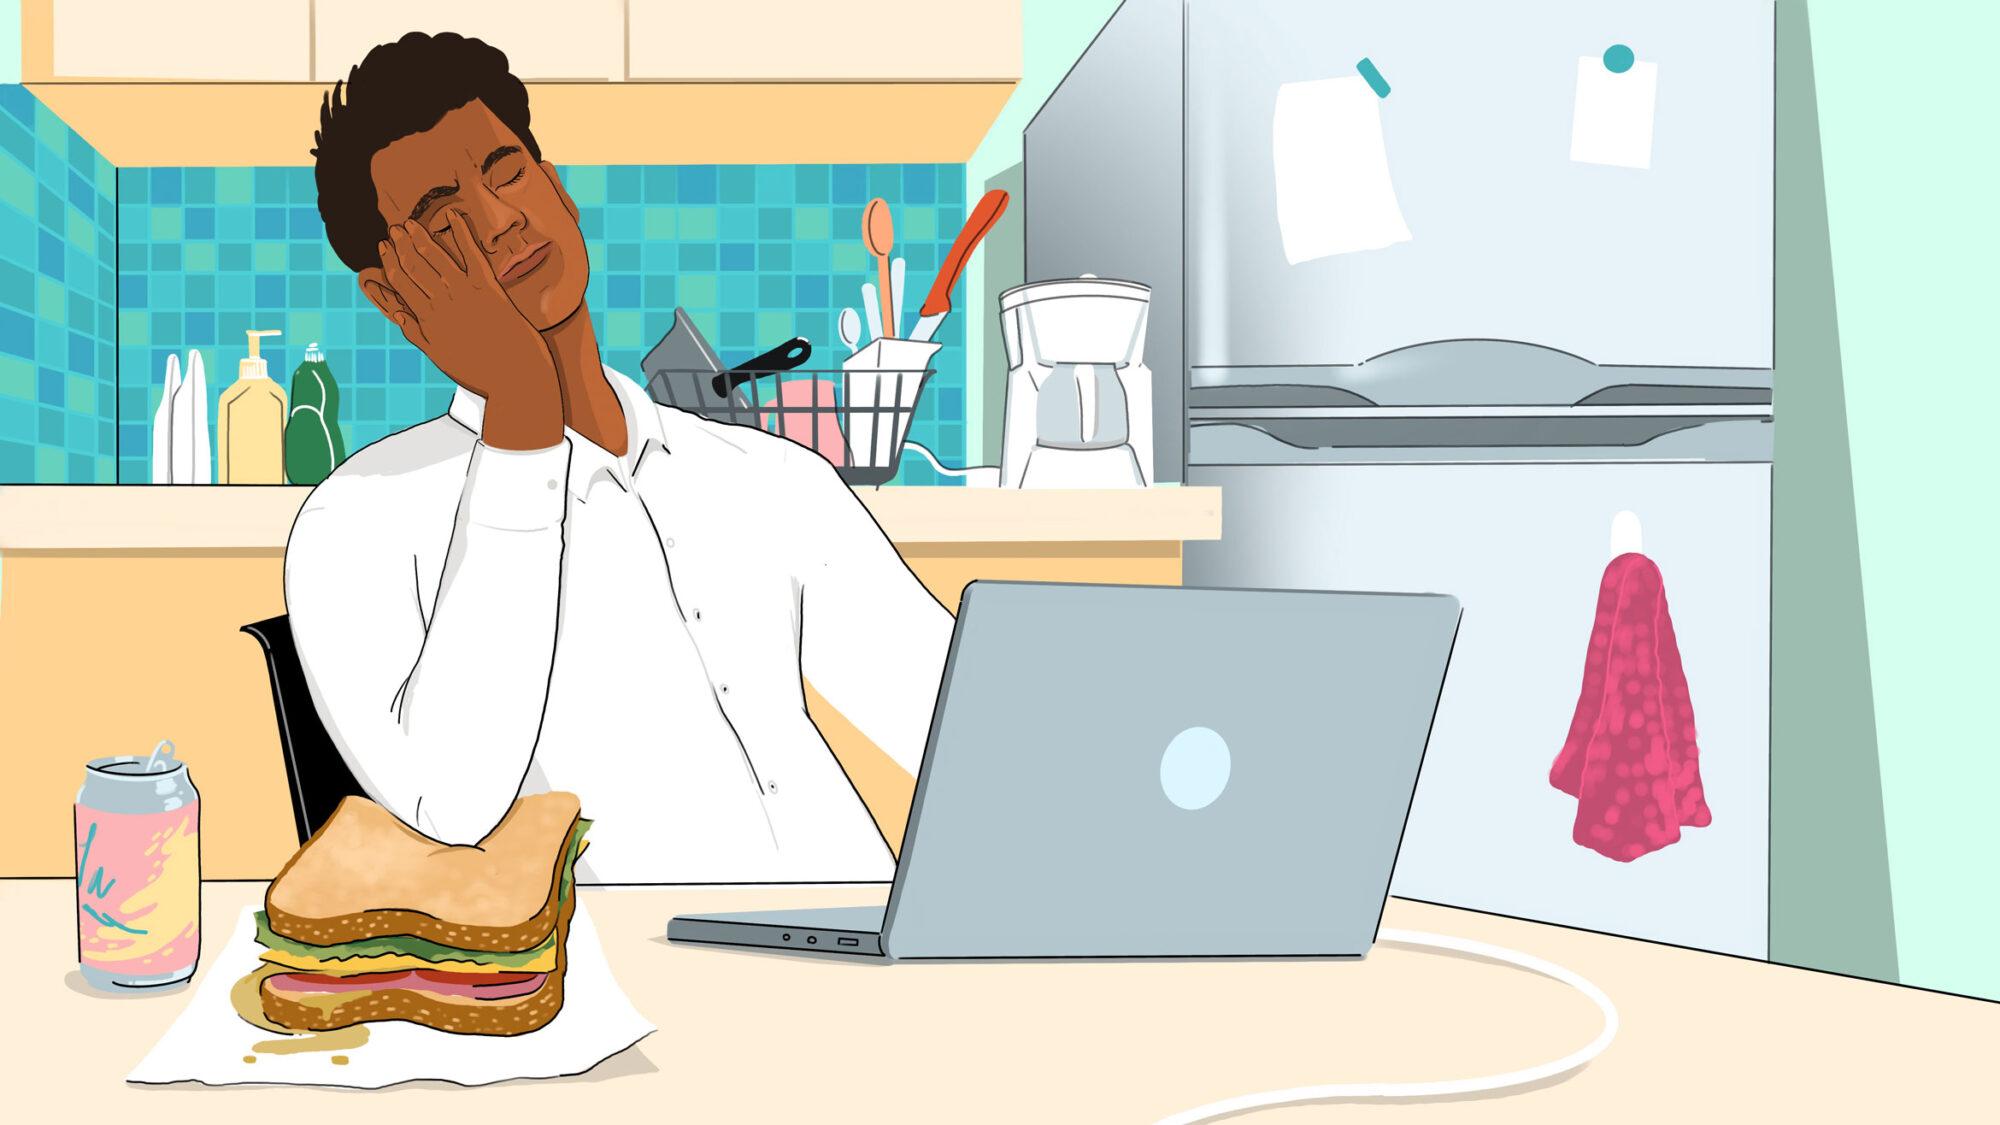 Article-Sad-Desk-Lunch-WFH